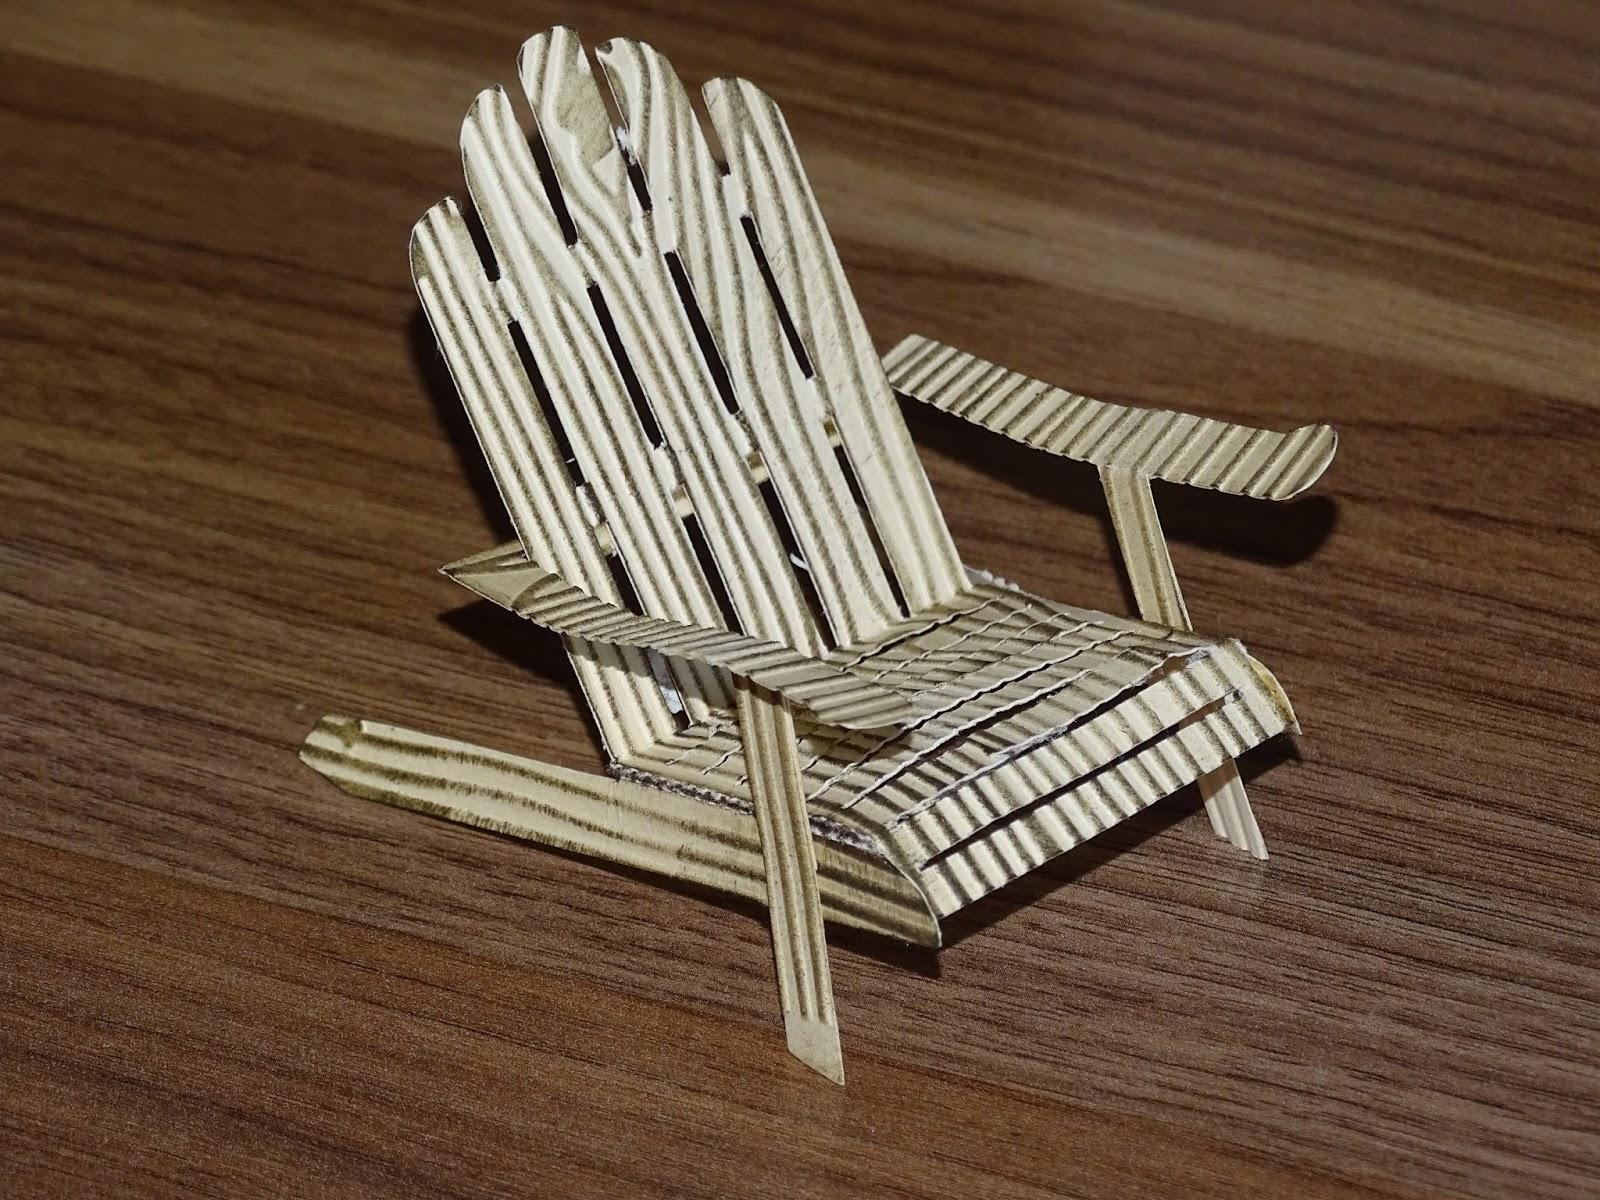 sturiana geldgeschenk f r gartenm bel. Black Bedroom Furniture Sets. Home Design Ideas